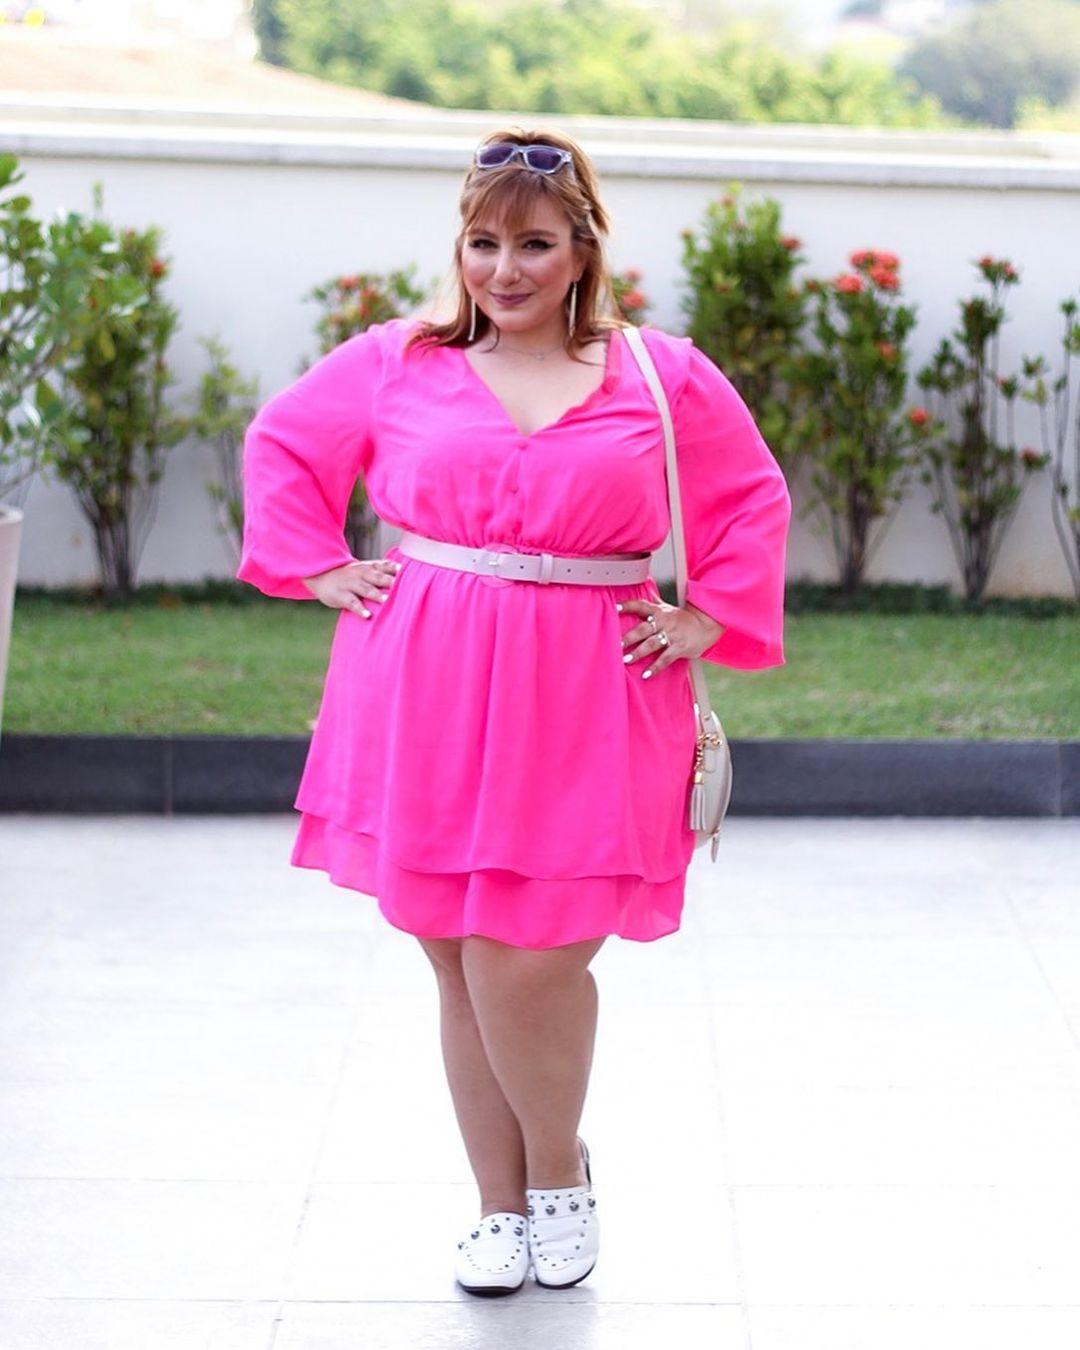 1612584563 187 echa un vistazo a las opciones para comprar y 30 - 40 modelos de vestidos rosas para un look que no pasa desapercibido